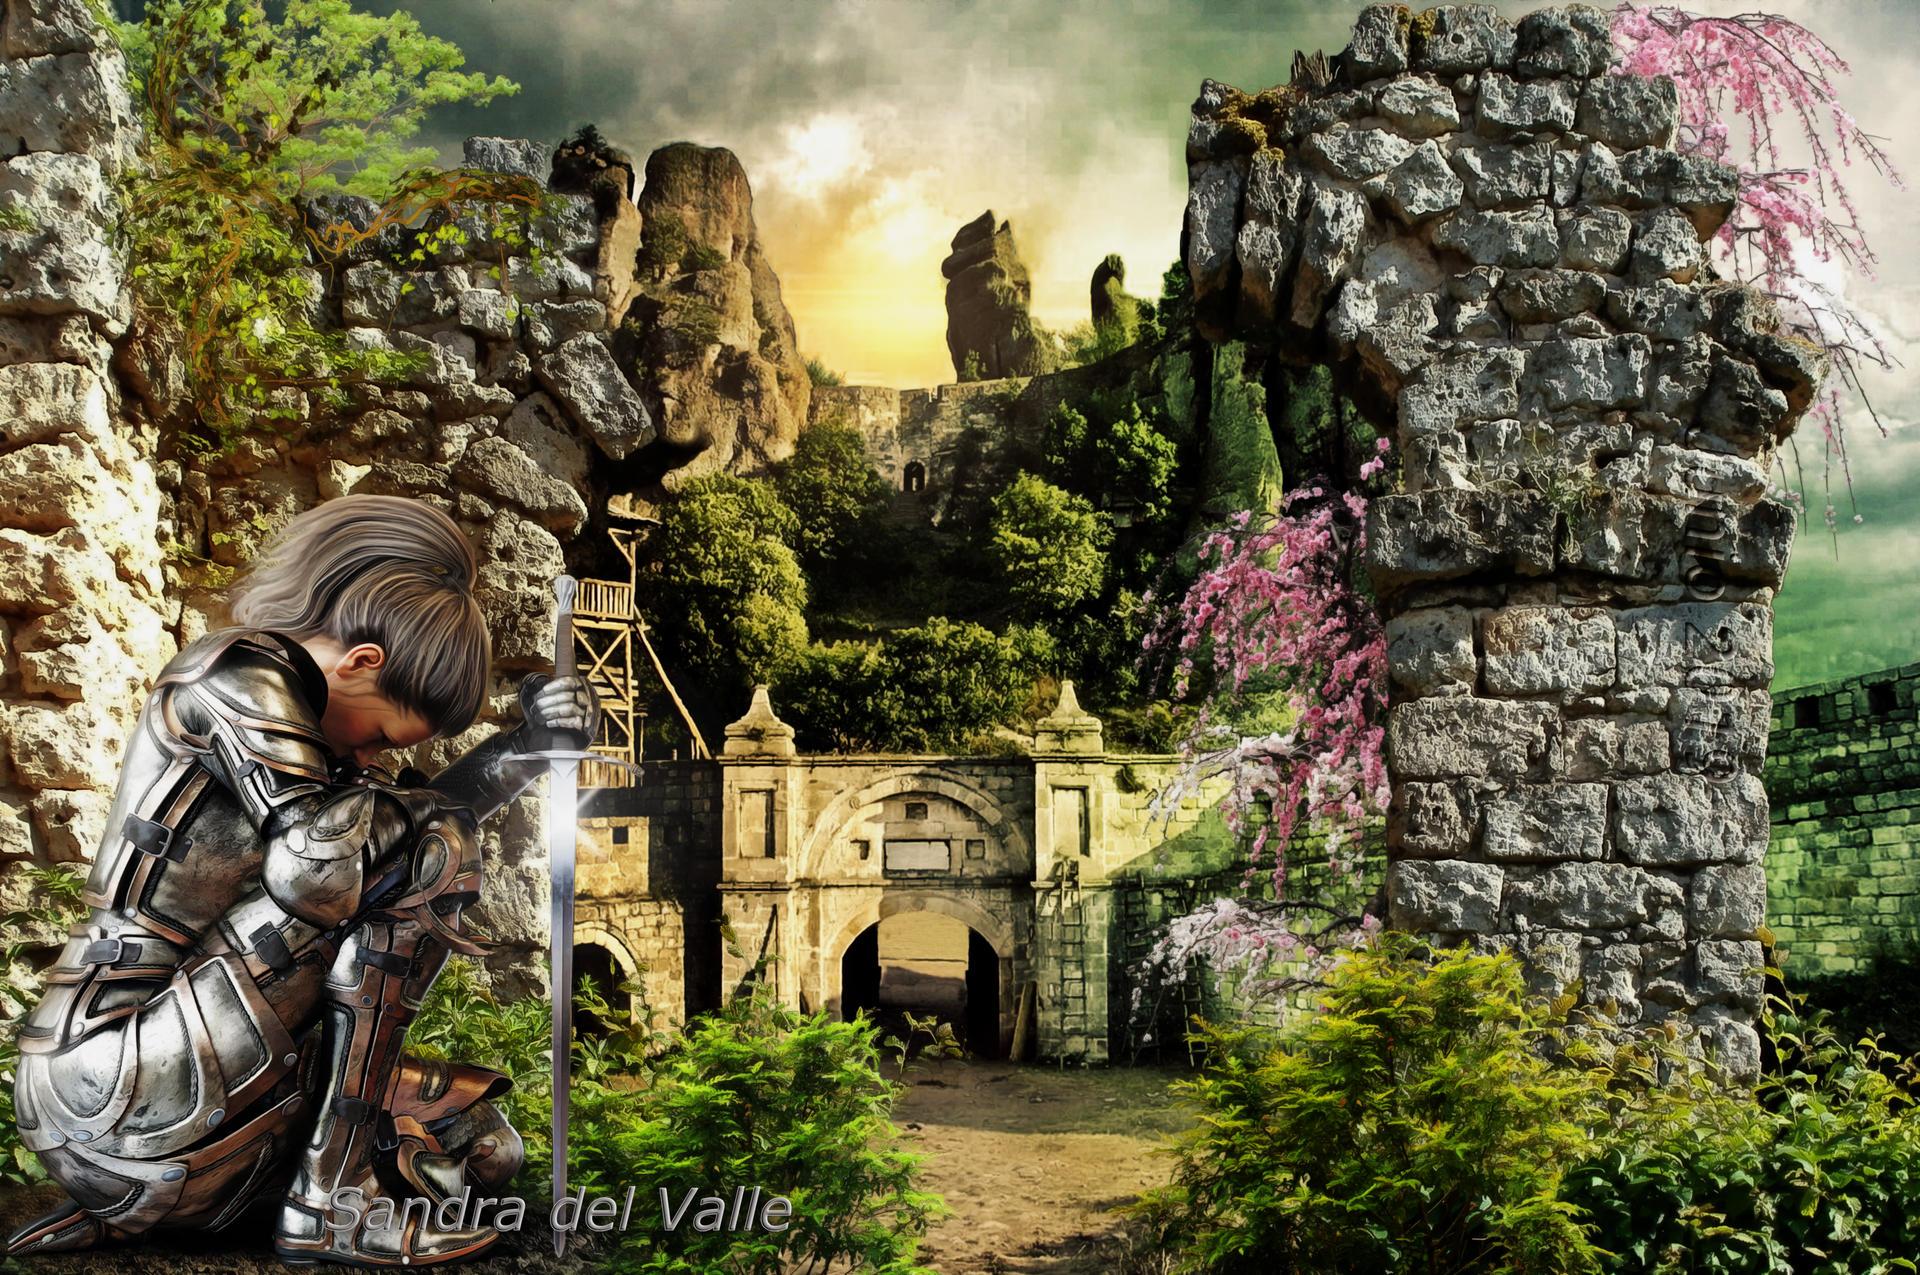 Mi Reino-Sandra del Valle